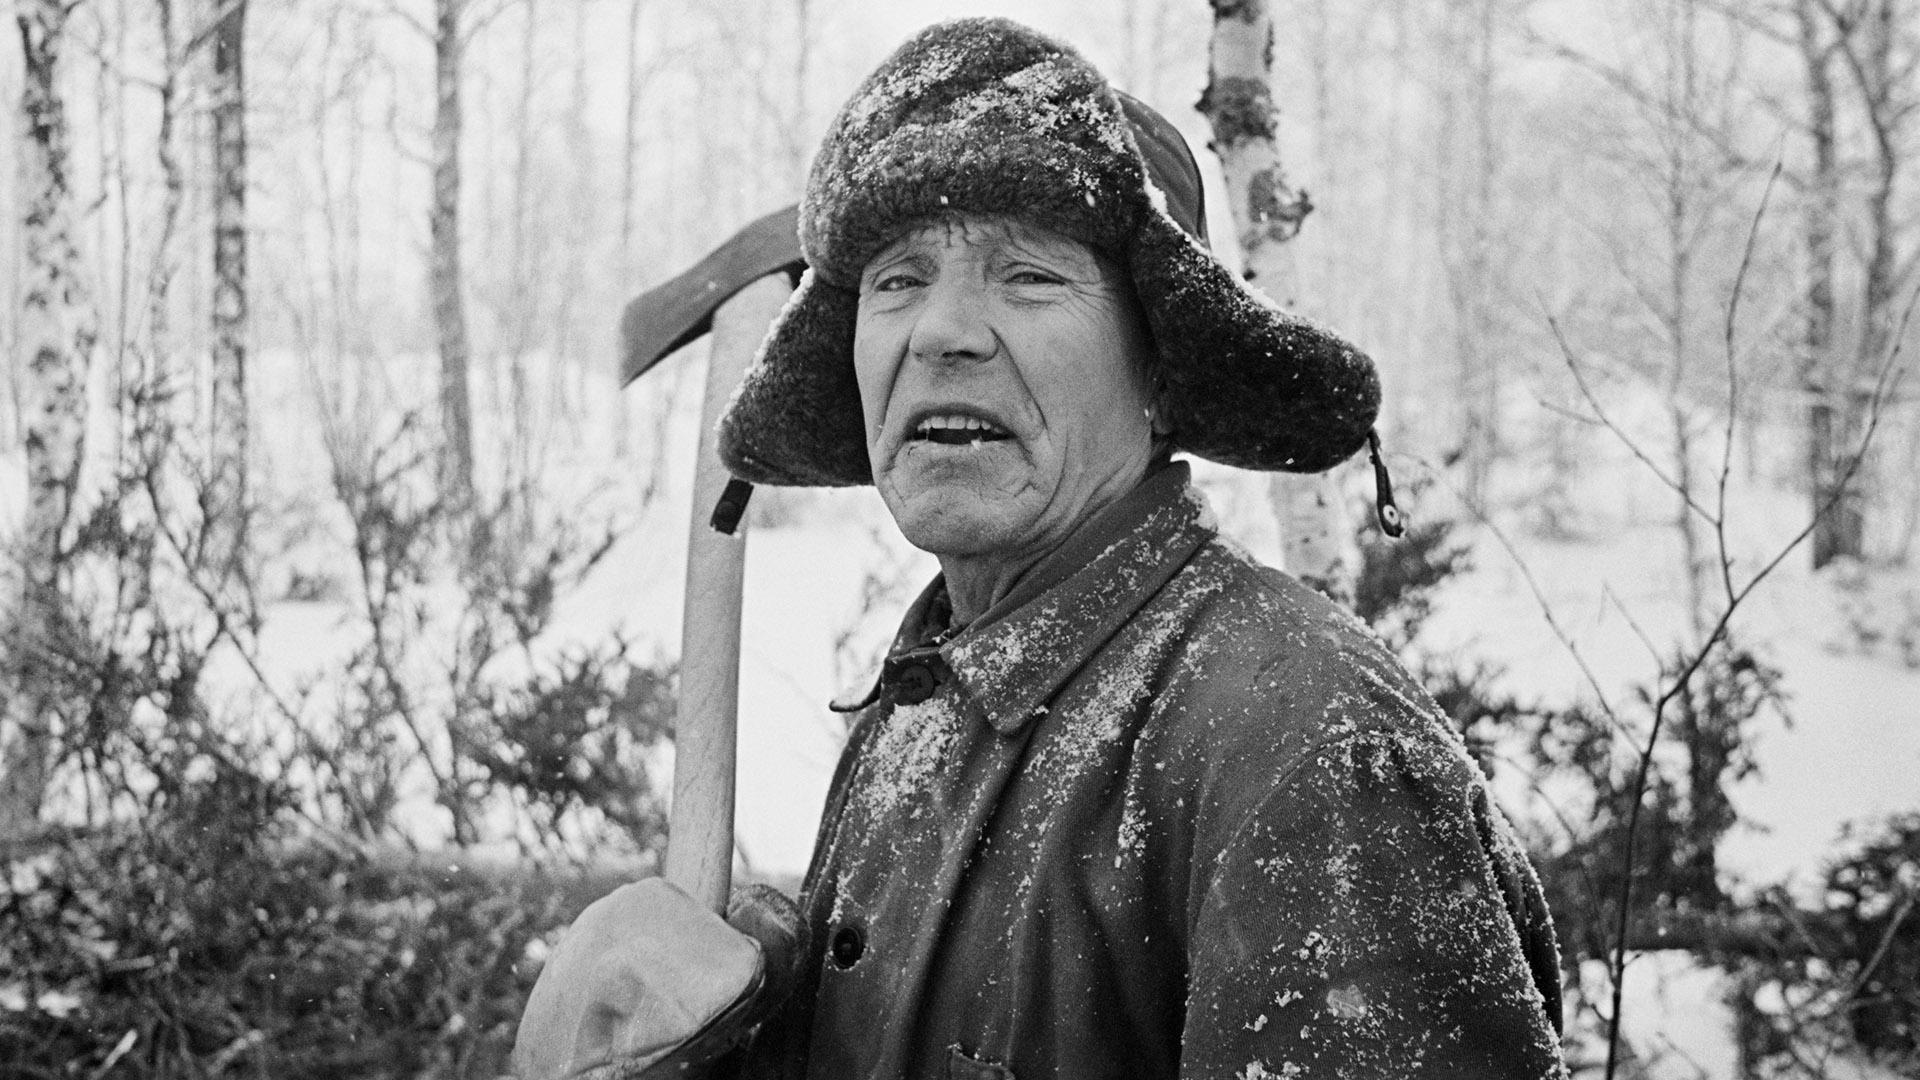 Metsätyöläinen kirveineen-Erkki Heikinheimo-Miehen työ